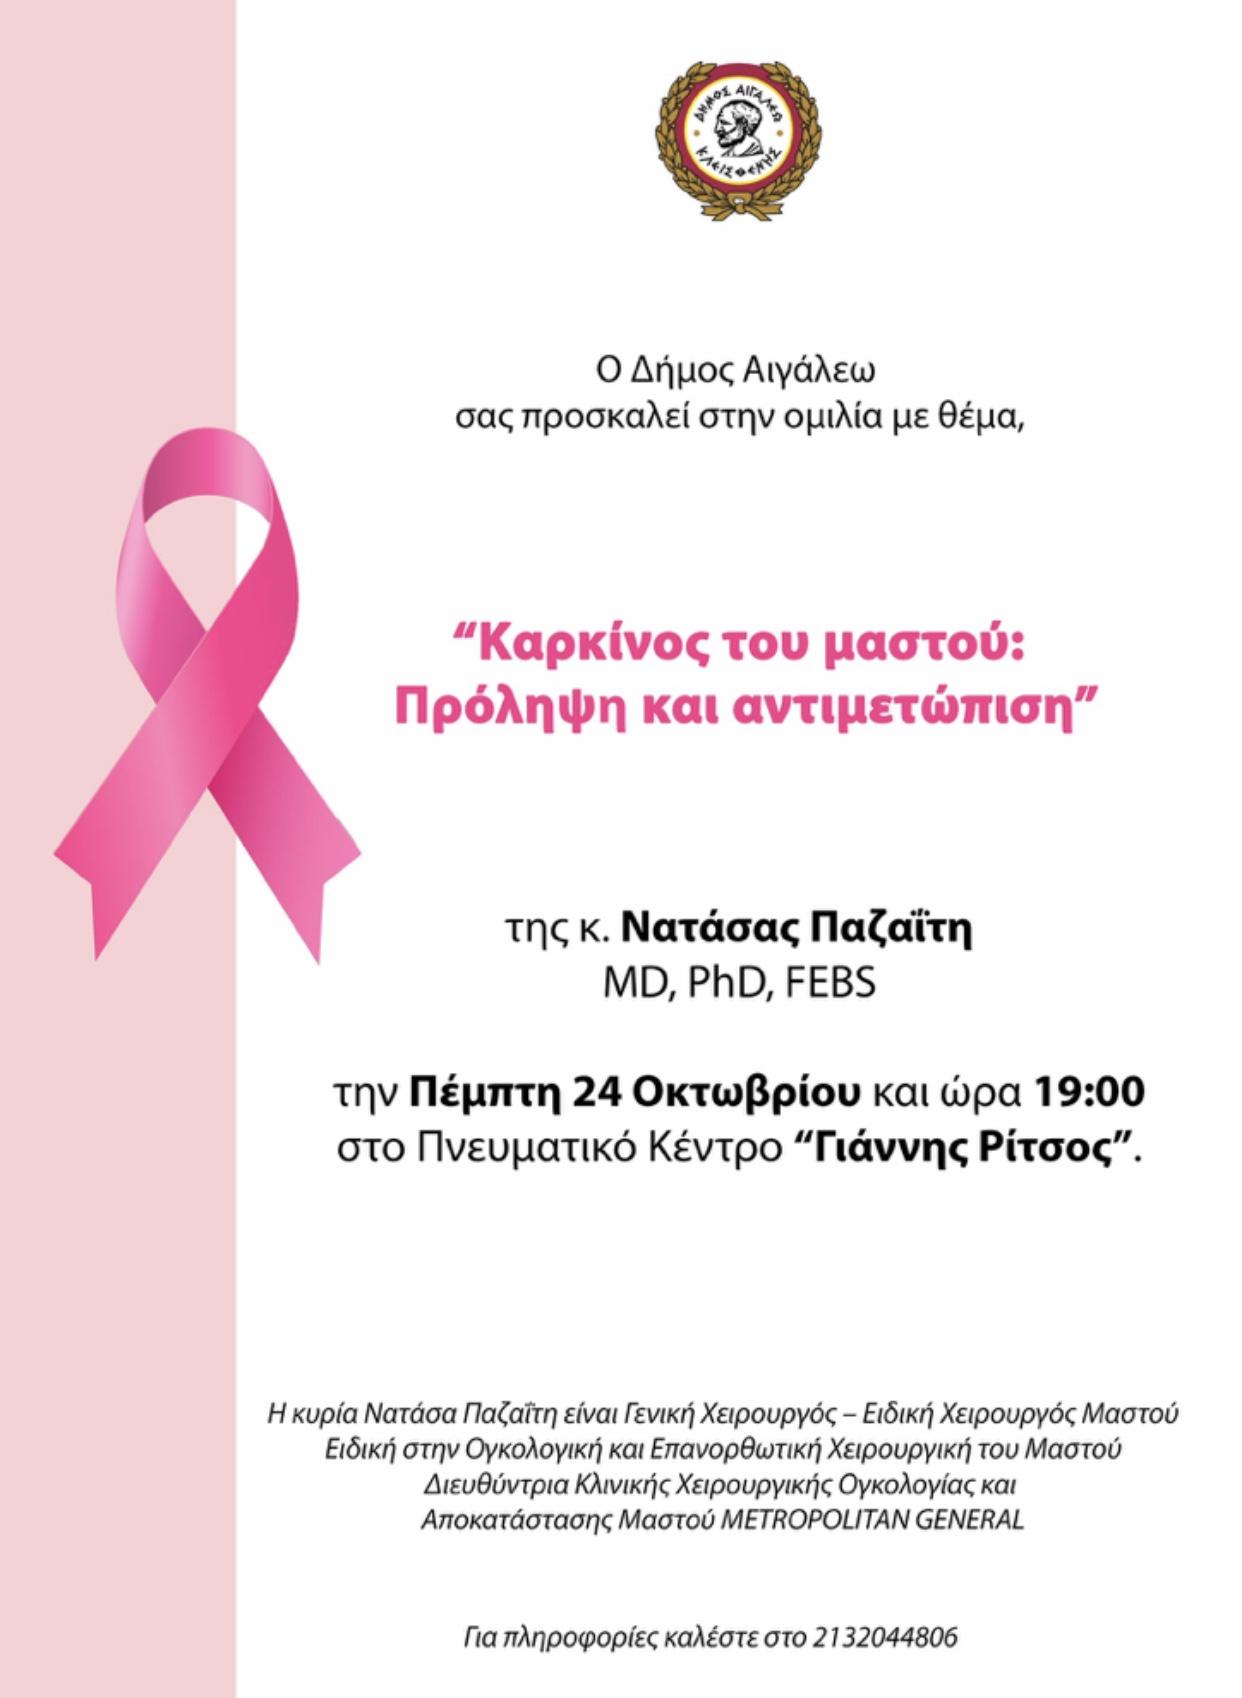 Εκδήλωση για τον καρκίνο του μαστού με ομιλήτρια την κ. Νατάσα Παζαΐτη στο Αιγάλεω